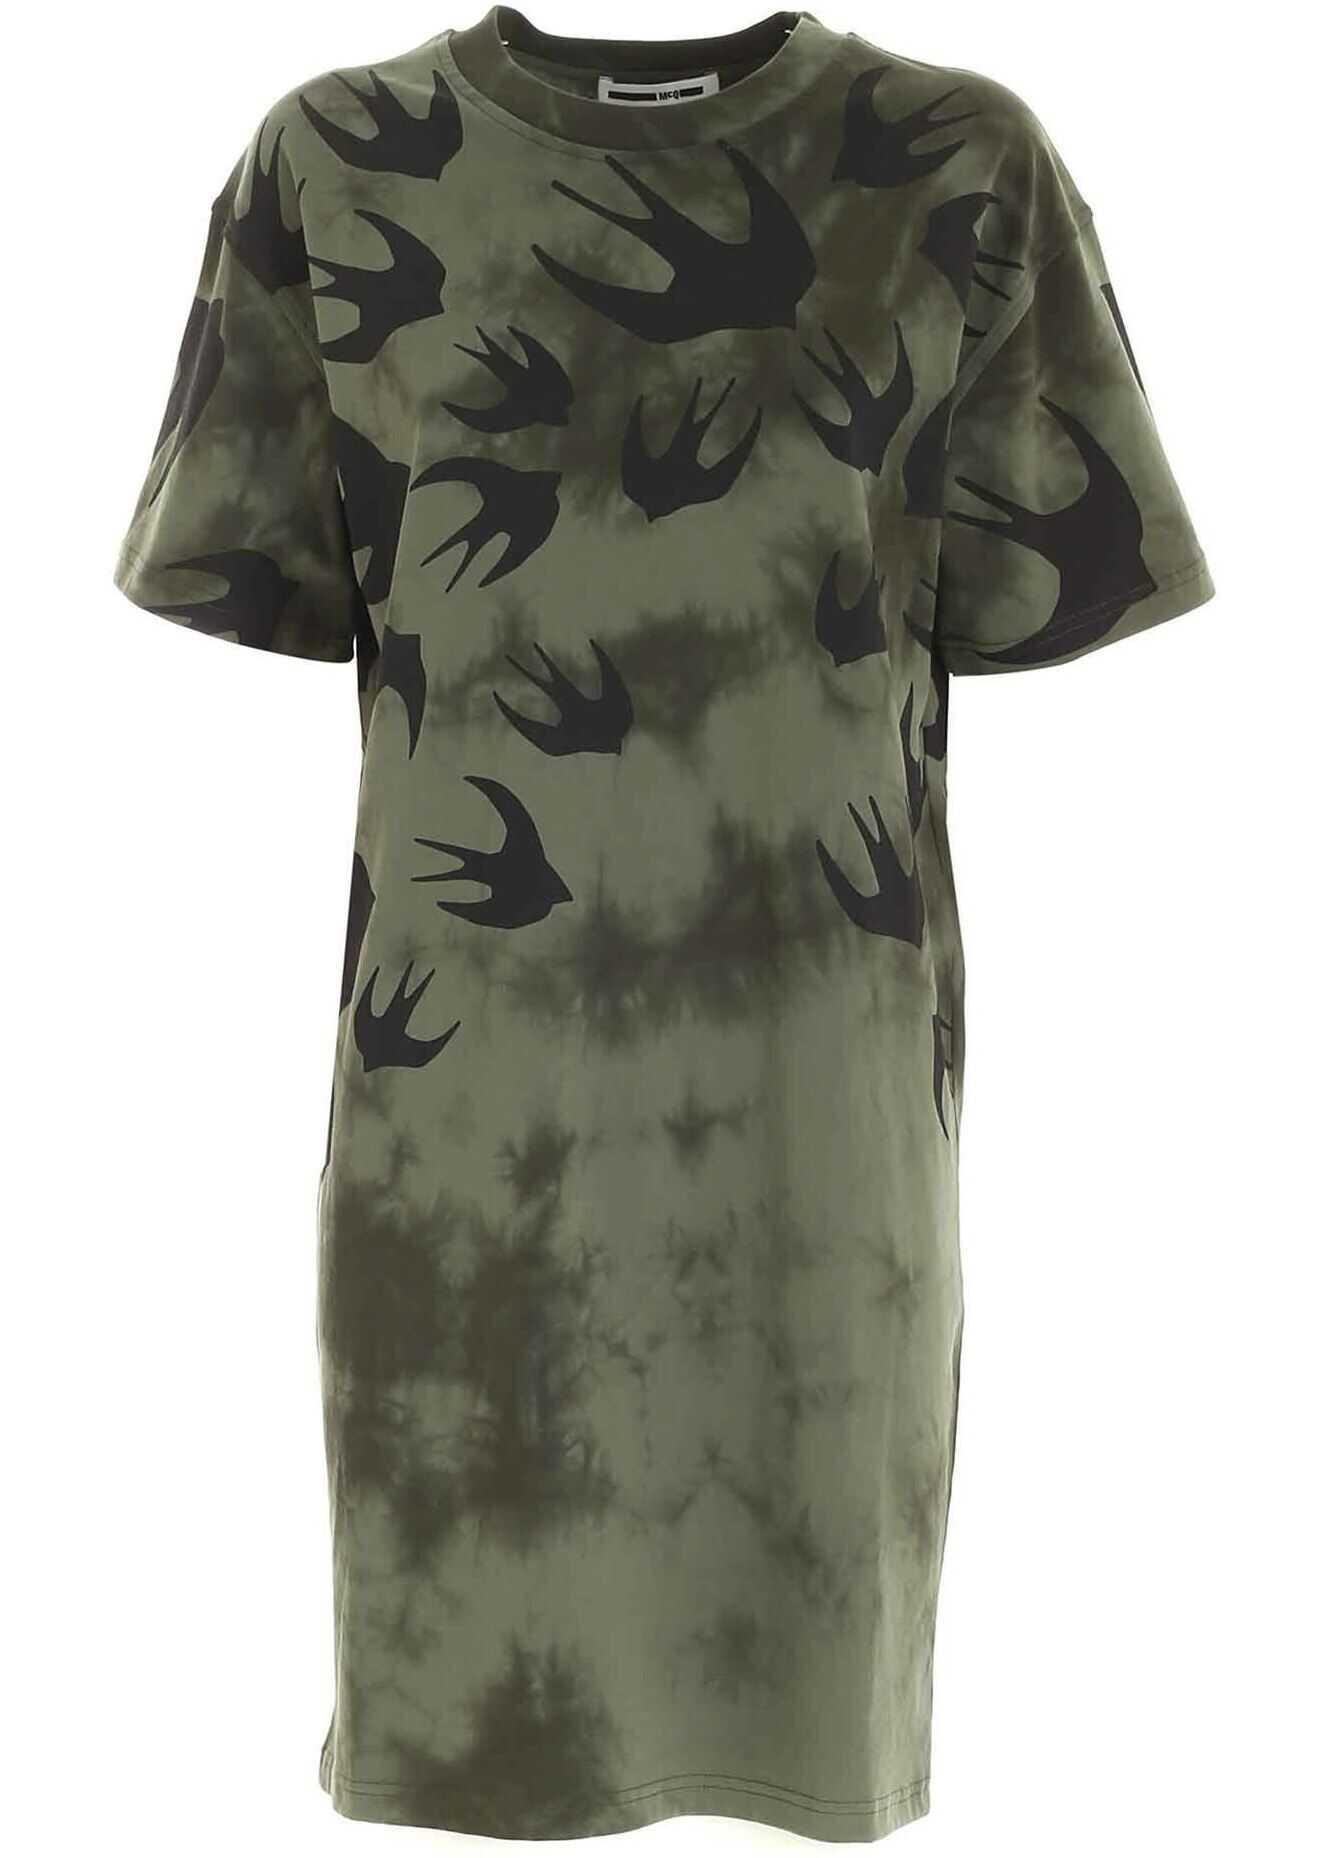 MCQ Alexander McQueen Swallow Print Tie-Dye Dress In Green Green